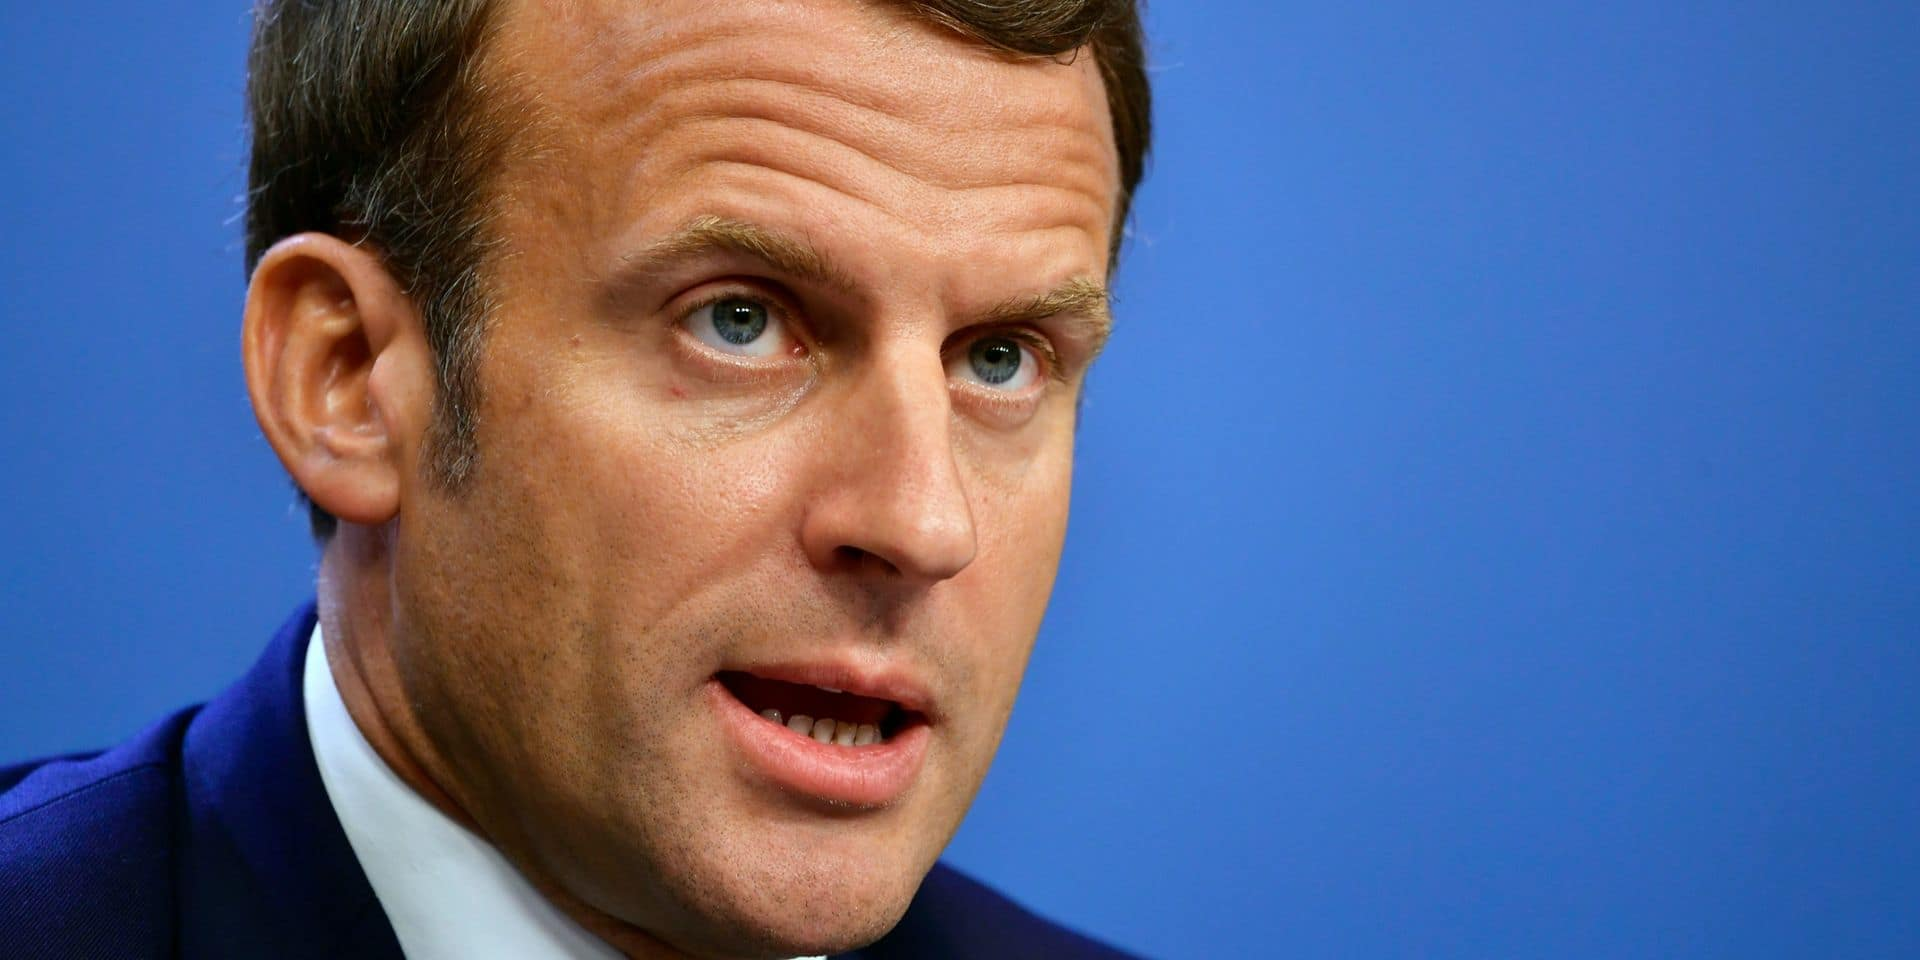 """Des photos de Macron, torse-nu en vacances, fuitent et font jaser: """"Il arrosait ses gardes du corps comme un gamin"""""""